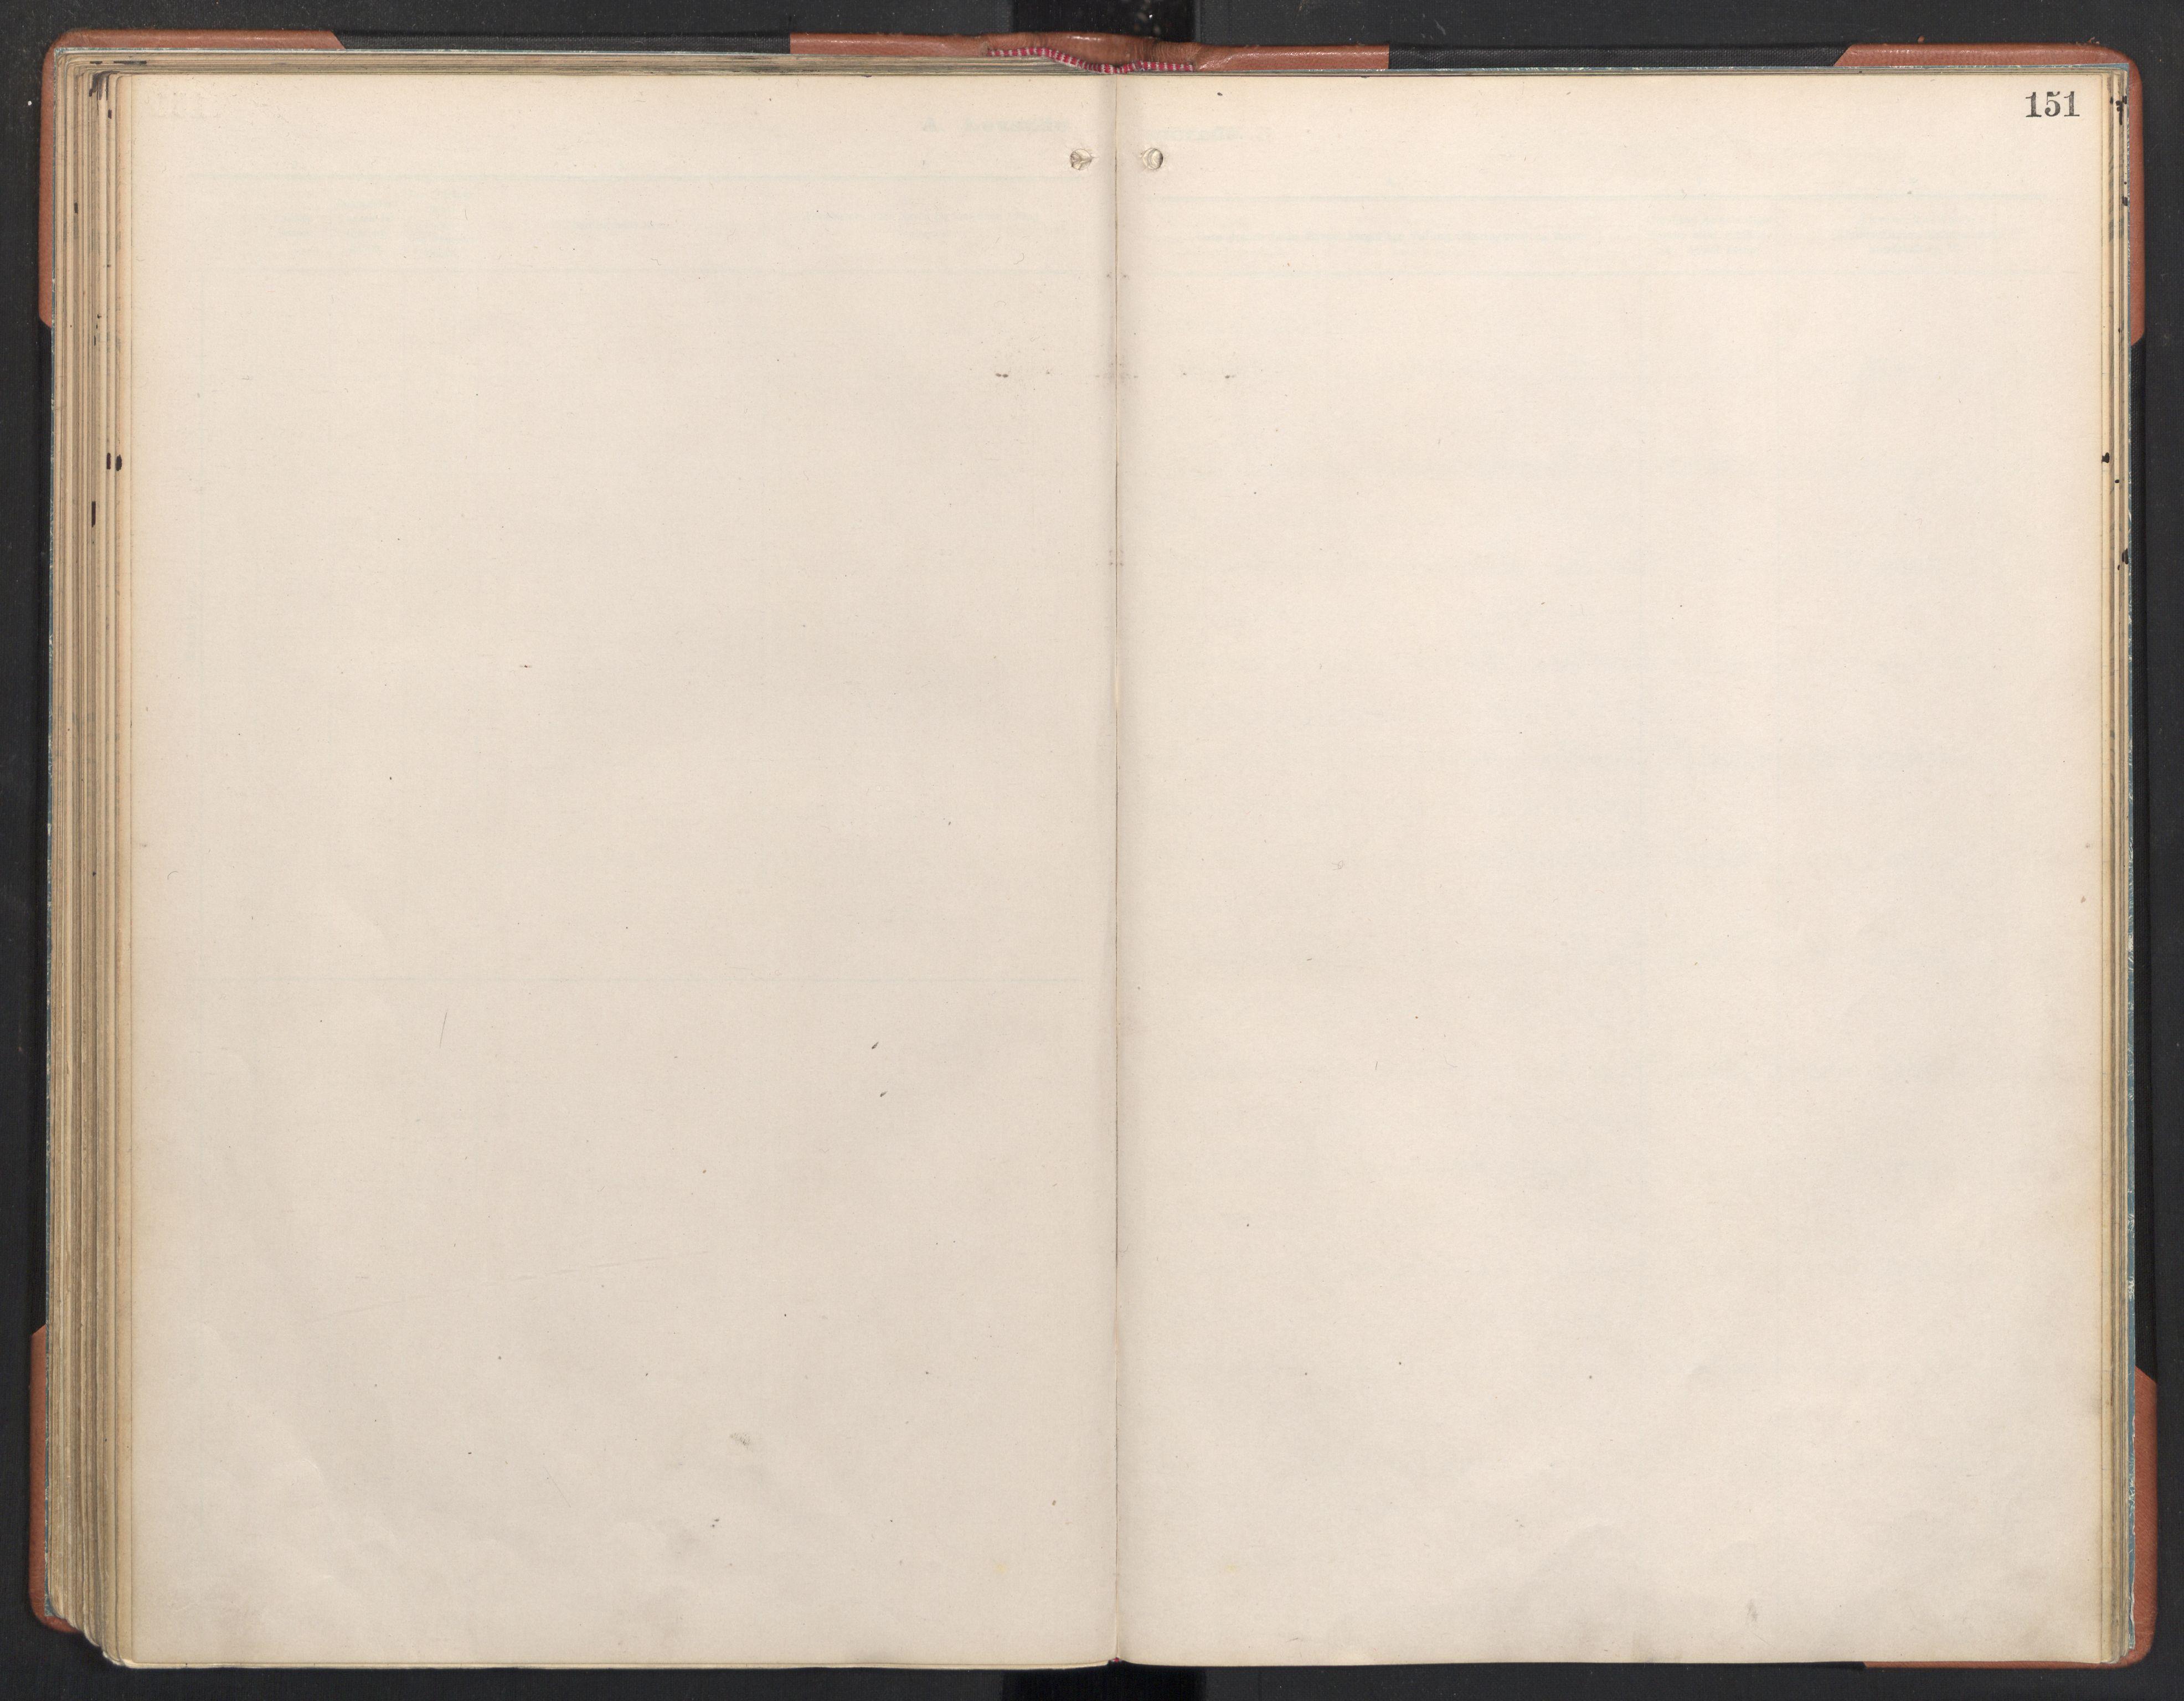 SAT, Ministerialprotokoller, klokkerbøker og fødselsregistre - Sør-Trøndelag, 605/L0246: Ministerialbok nr. 605A08, 1916-1920, s. 151